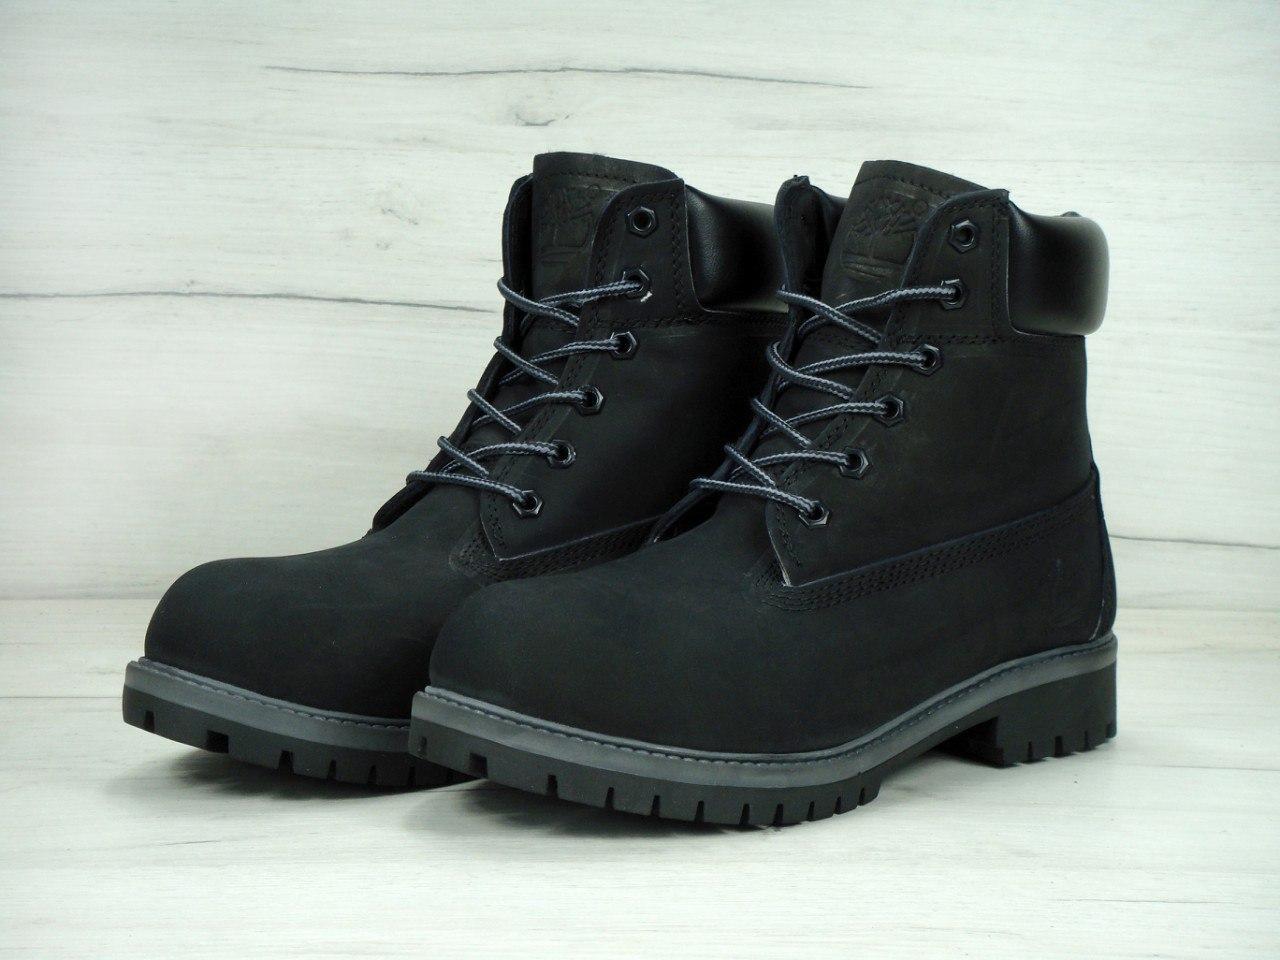 ec84cbdc Зимние мужские ботинки Timberland на меху черные топ реплика -  Интернет-магазин обуви и одежды